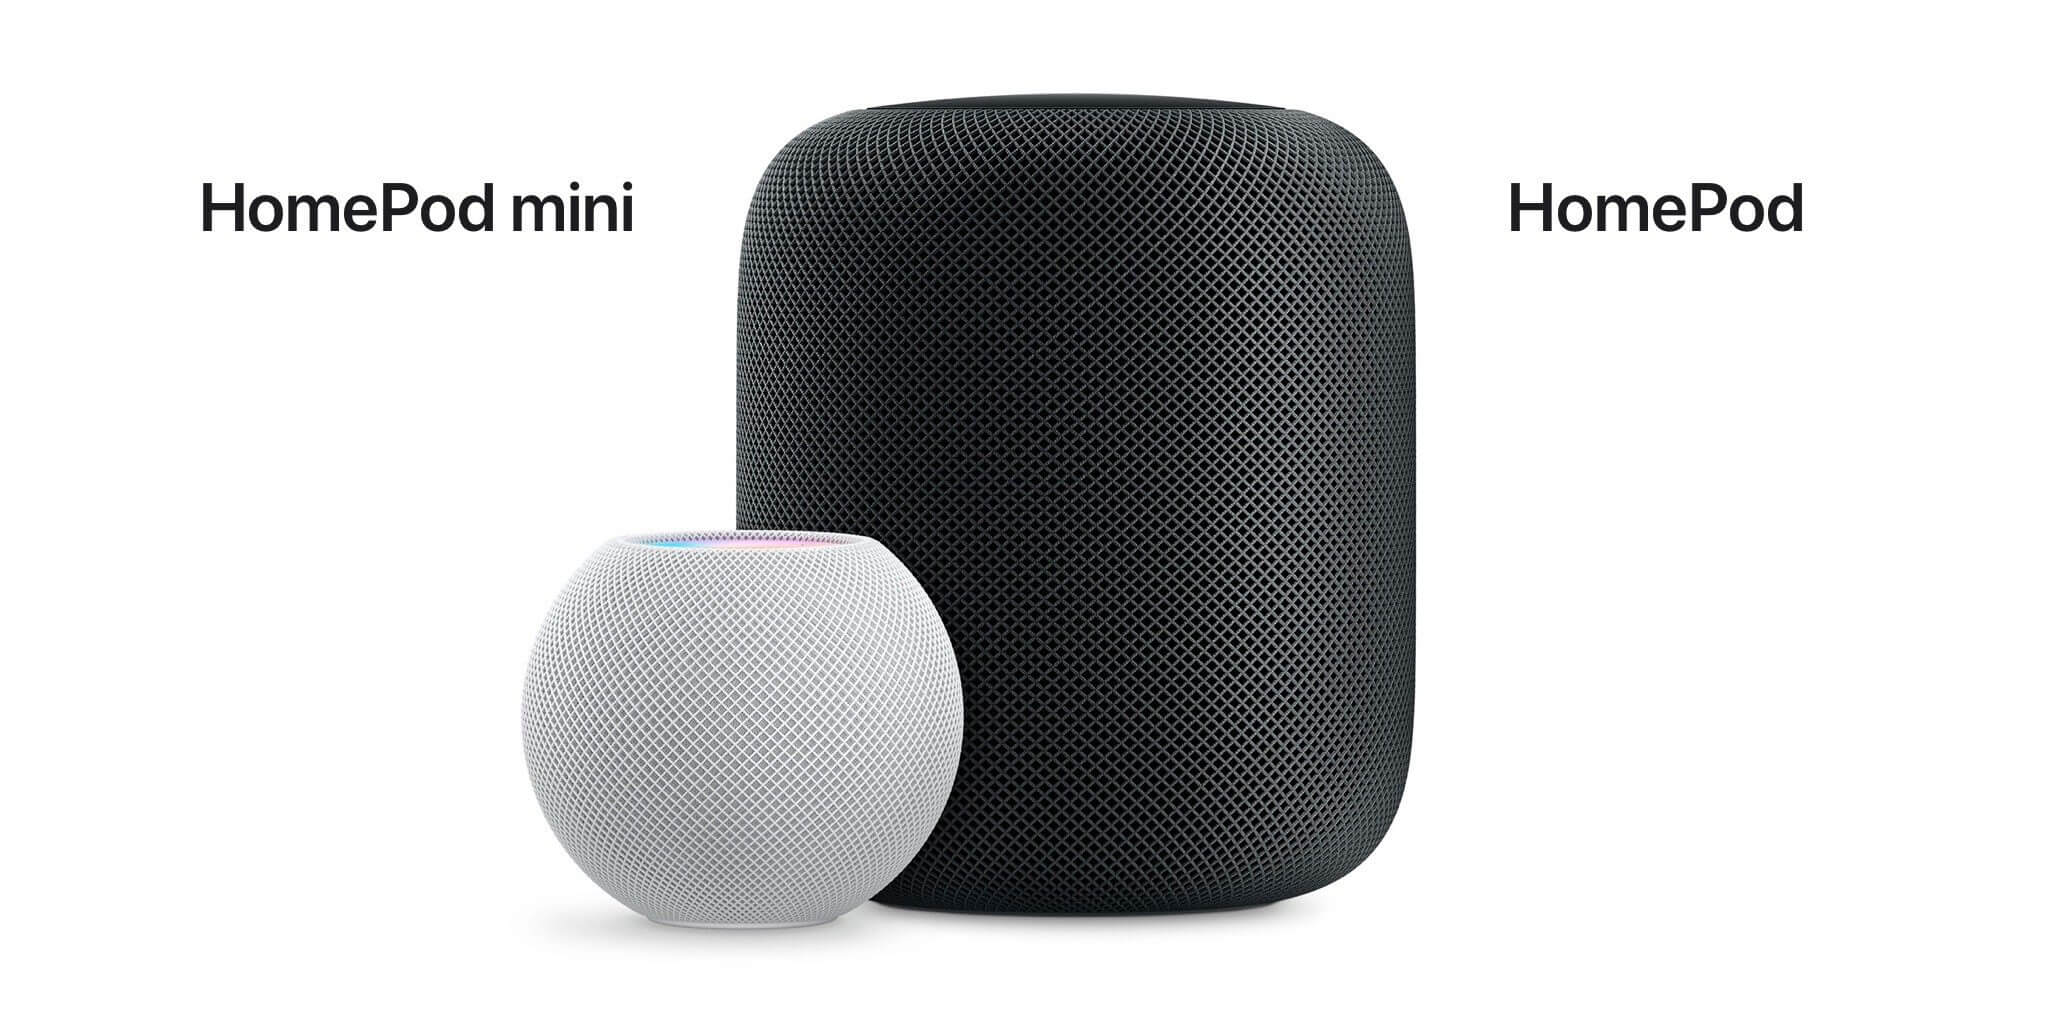 Сравнение HomePod mini и HomePod